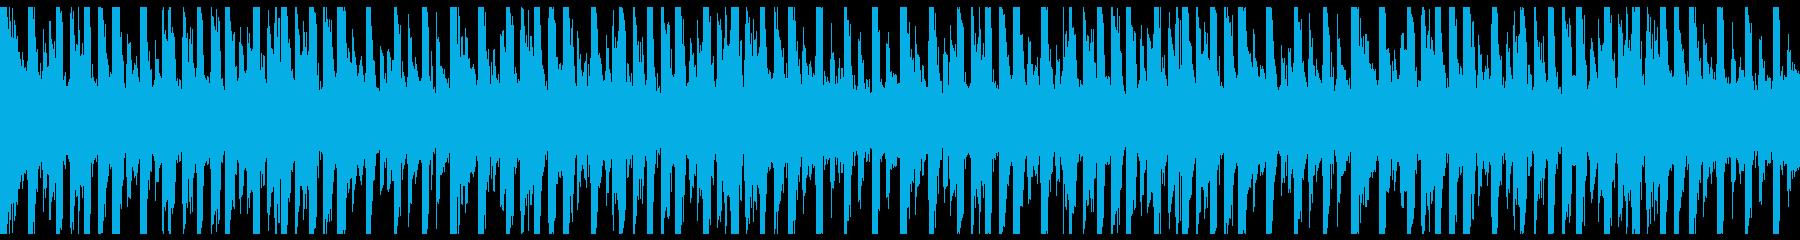 ユースポップ/エレクトロポップチャ...の再生済みの波形